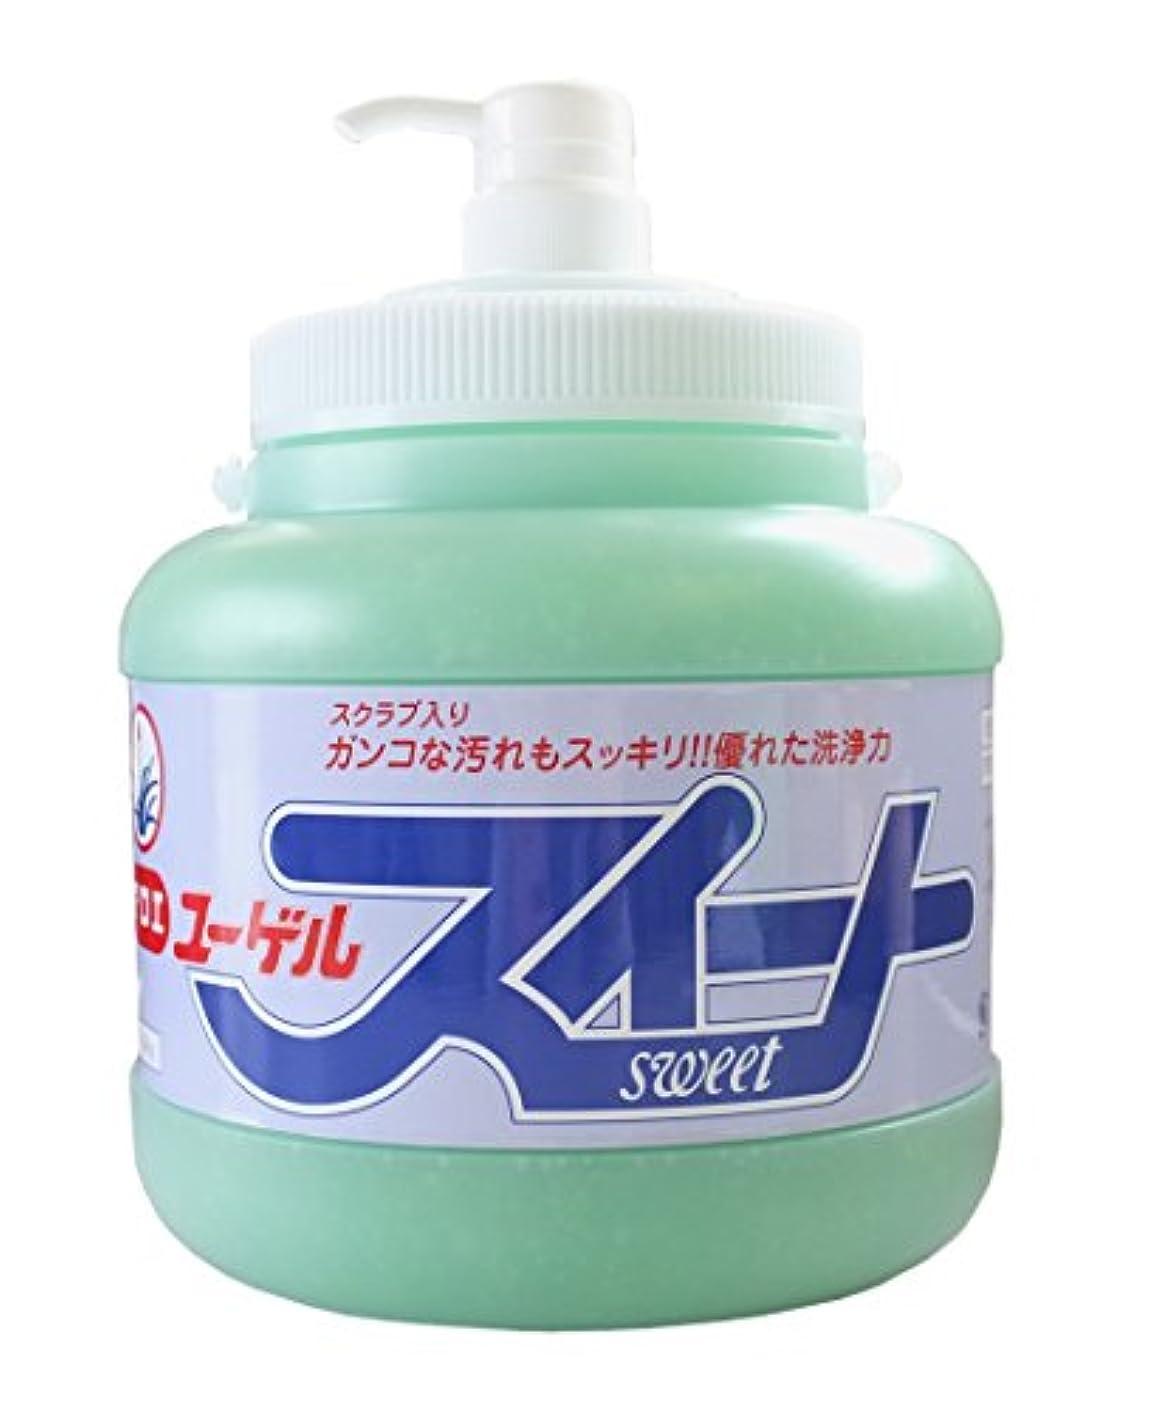 実質的工場メダル手の汚れや臭いを水なしで素早く落とす新洗剤。スクラブでガンコな油汚れもサッと落とす!ユーゲルスイート[ポンプ式]2.5kg×1本